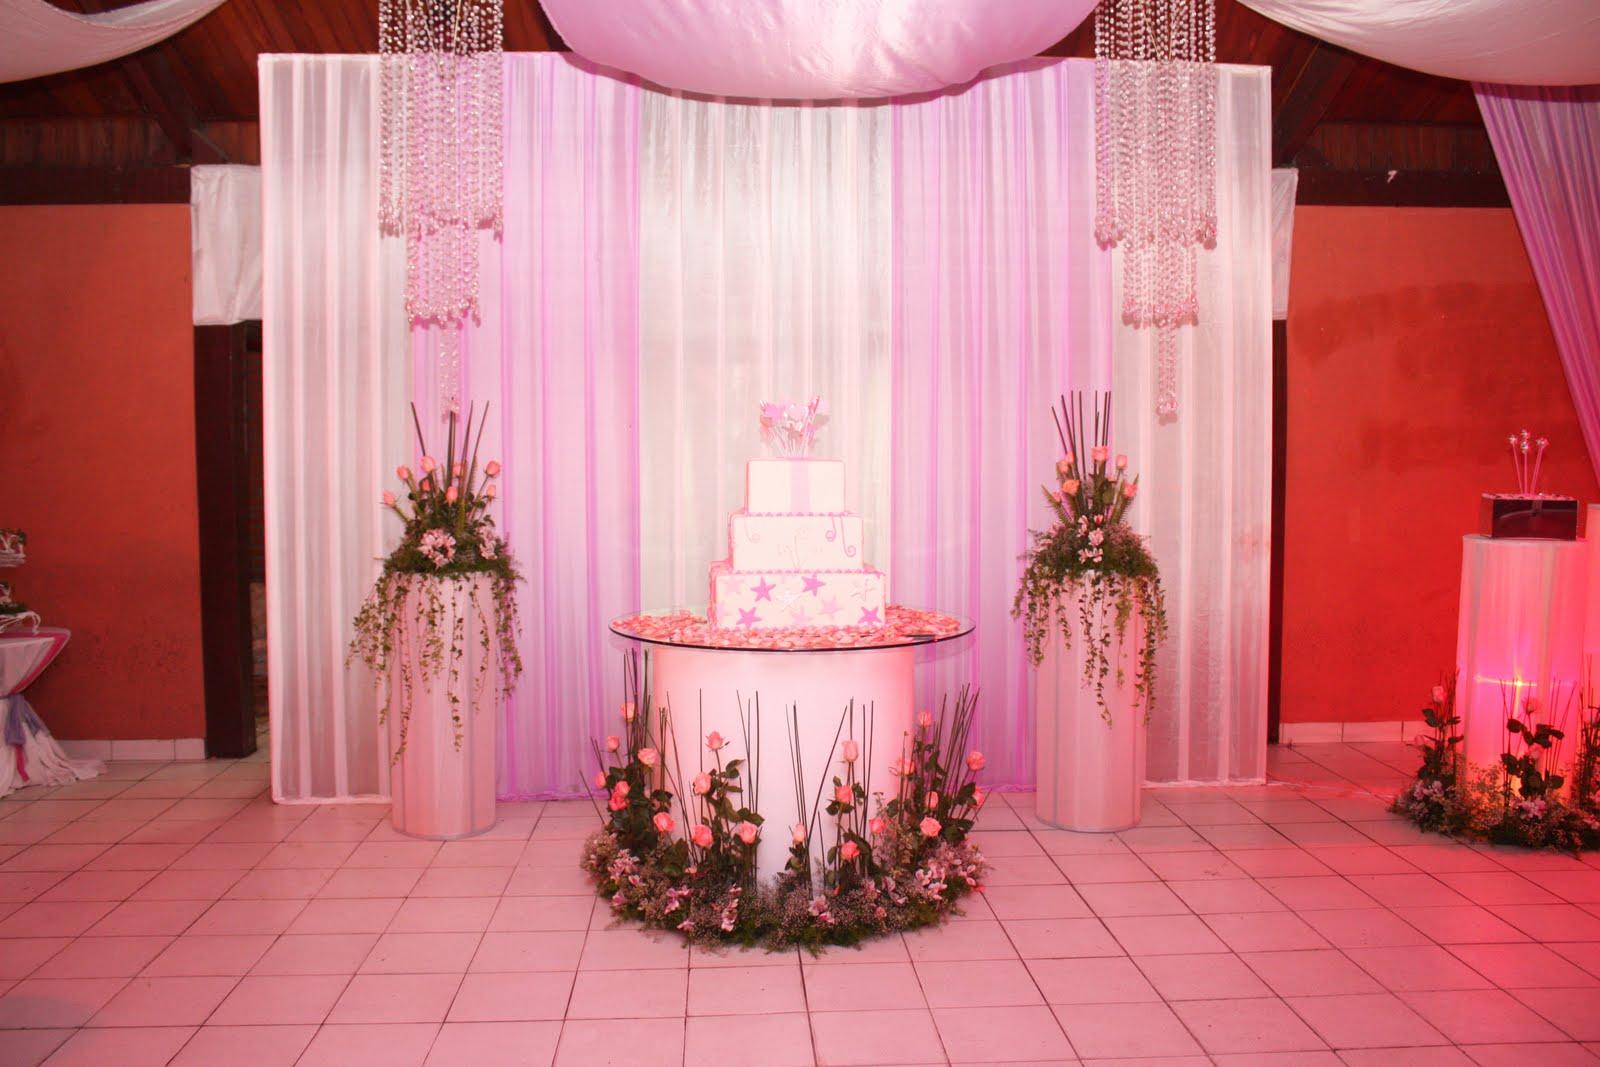 : Espectaculares decoraciones con pedestales para la mesa de la torta